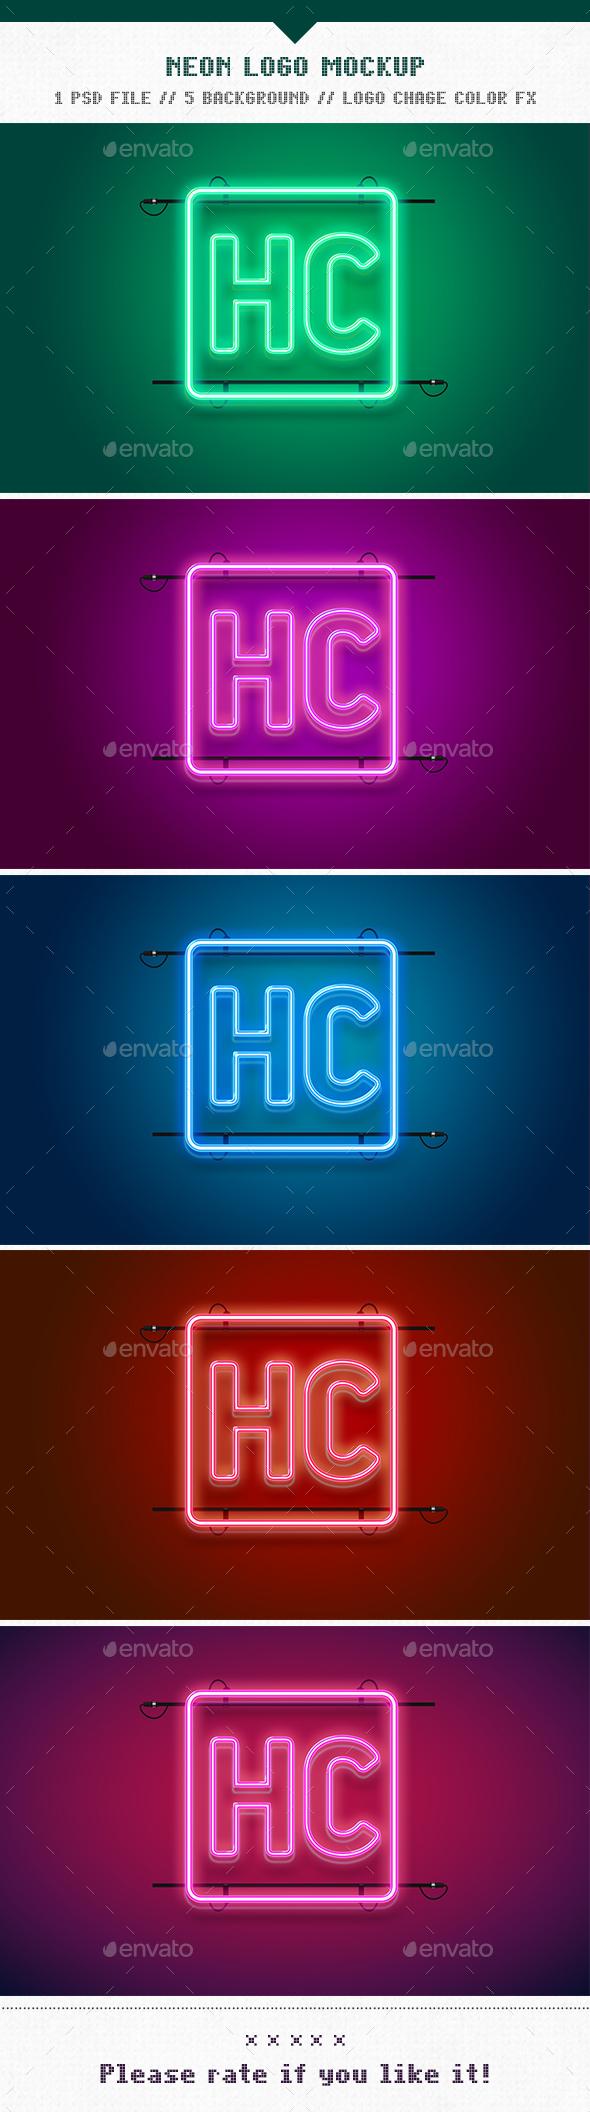 Neon Logo Mockup - Logo Product Mock-Ups